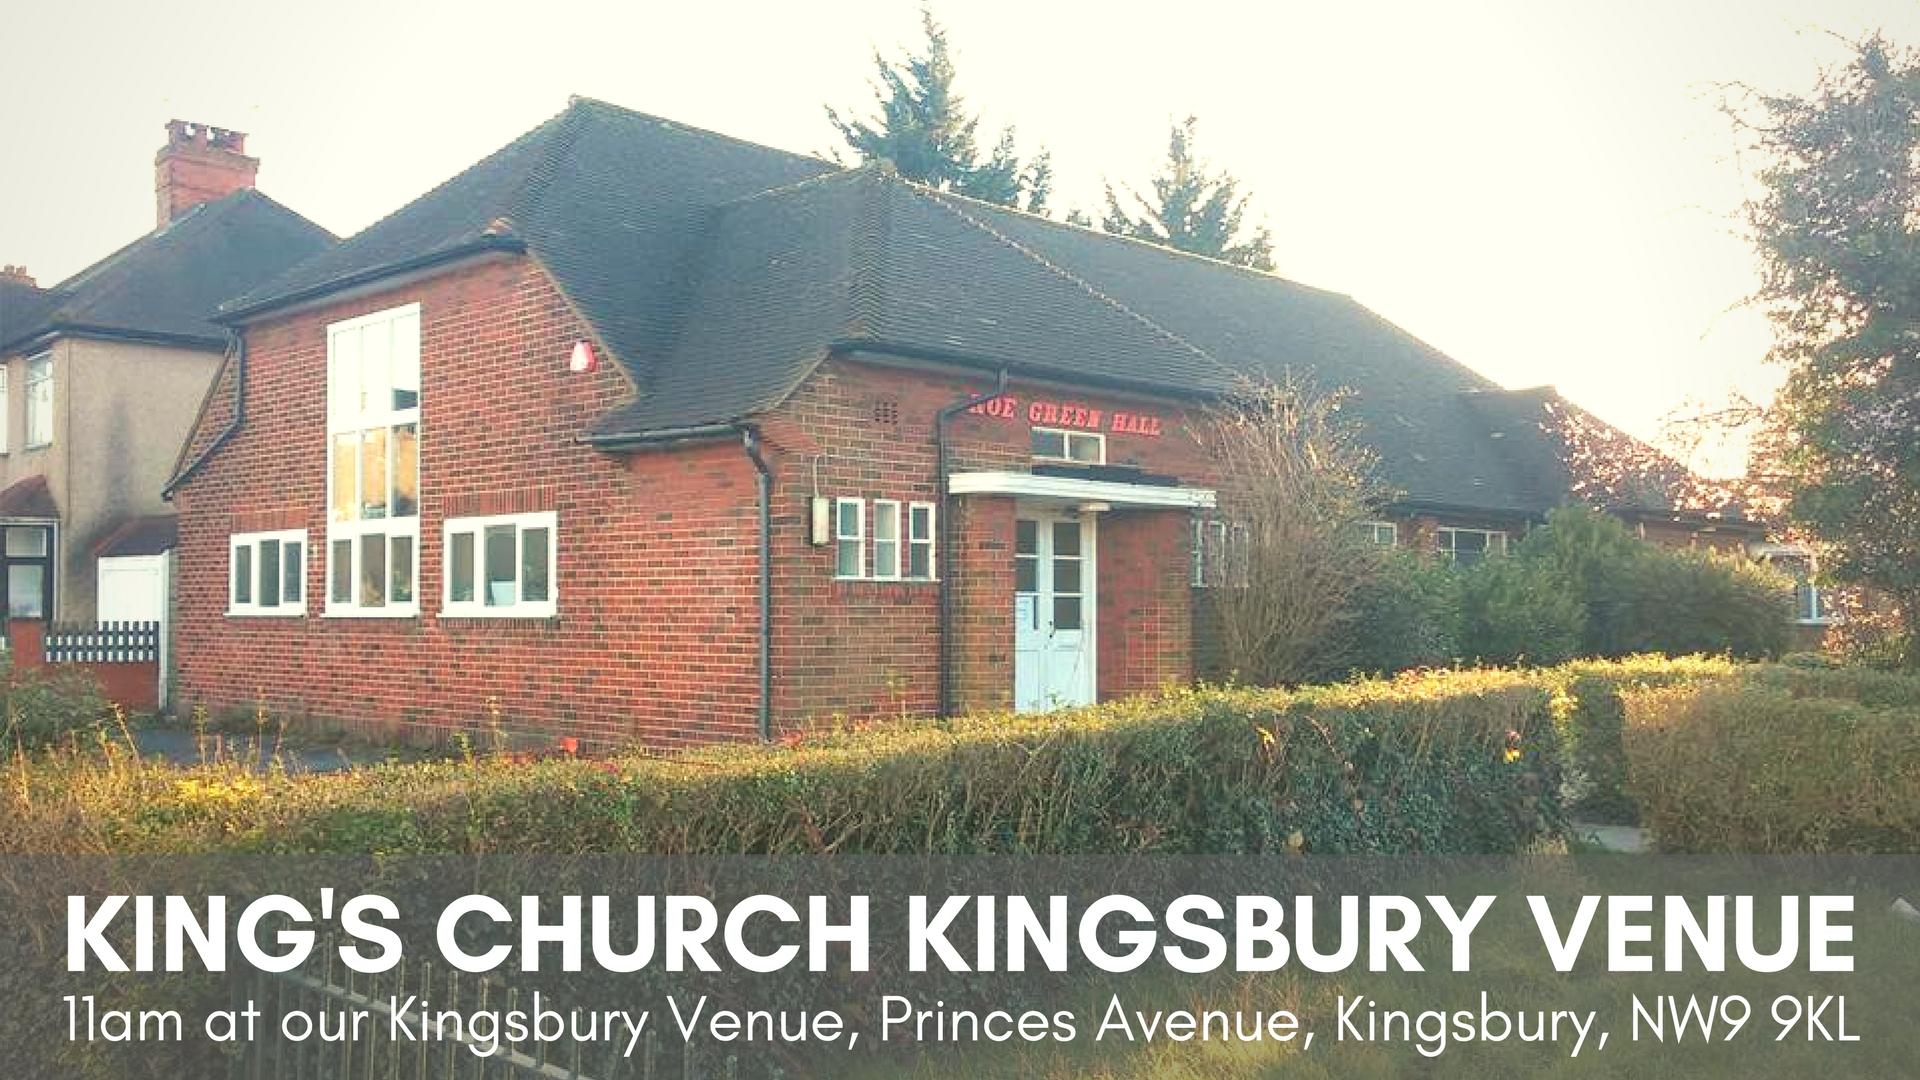 KCKingsbury Venue